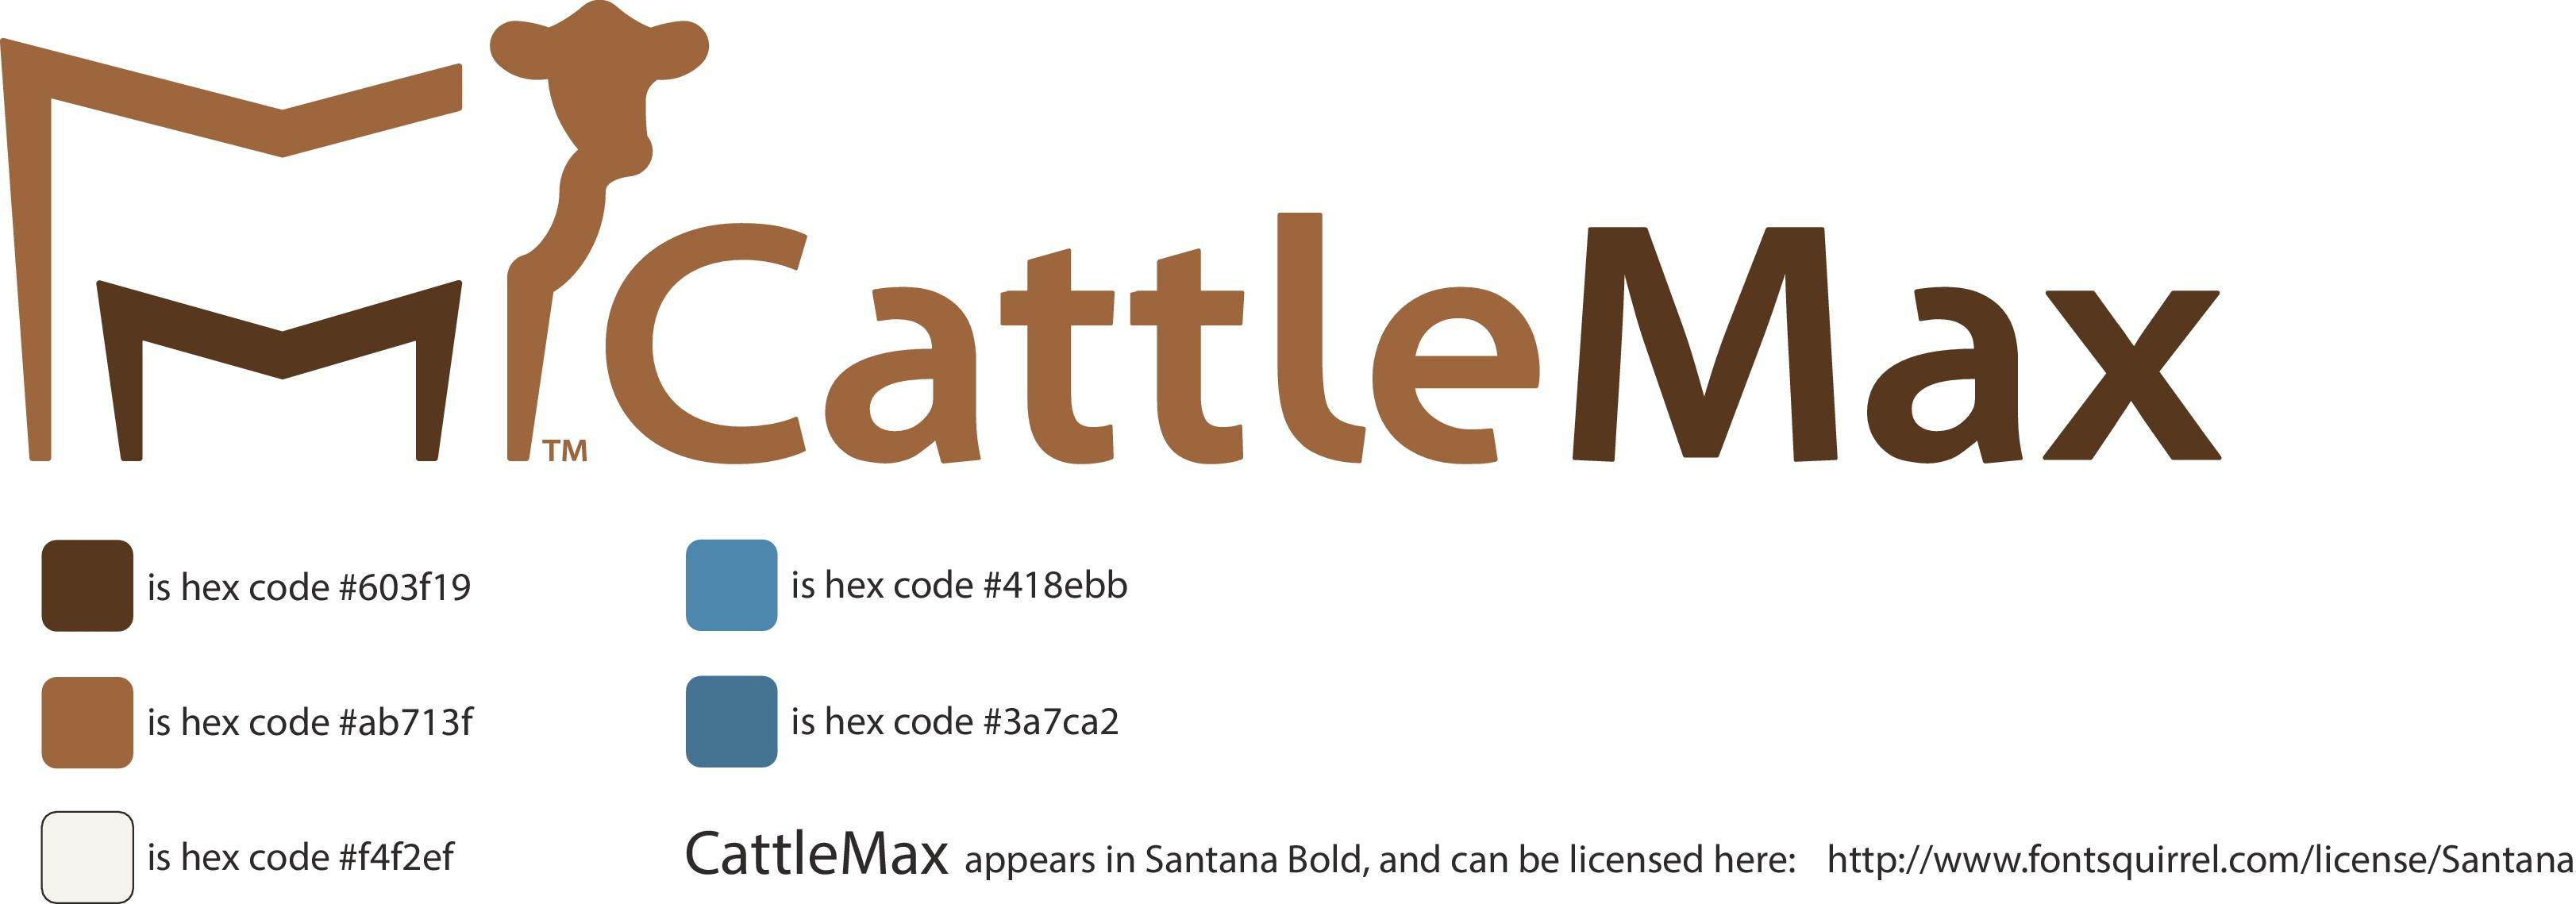 Color palette for web based on logo